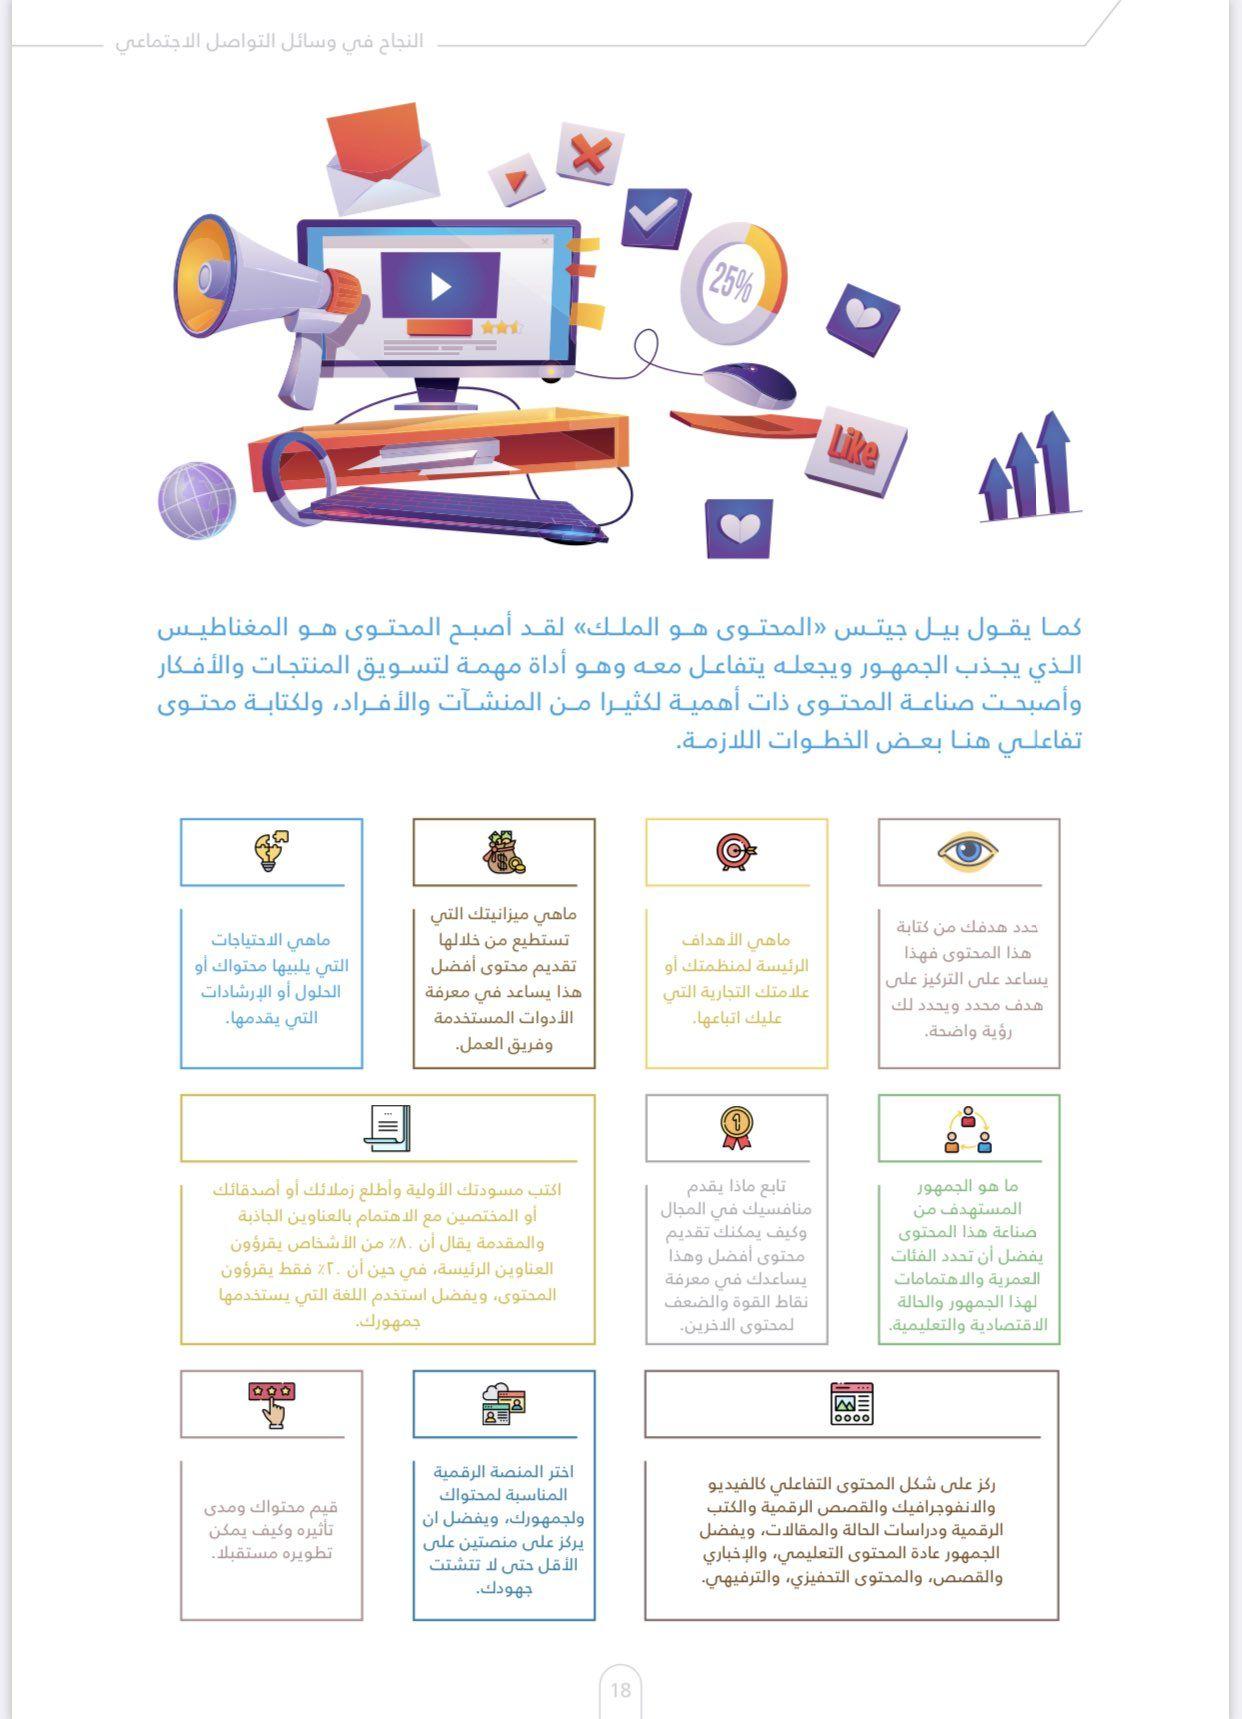 خطوات كتابة المحتوى في مواقع التواصل الاجتماعي Shopping Screenshots